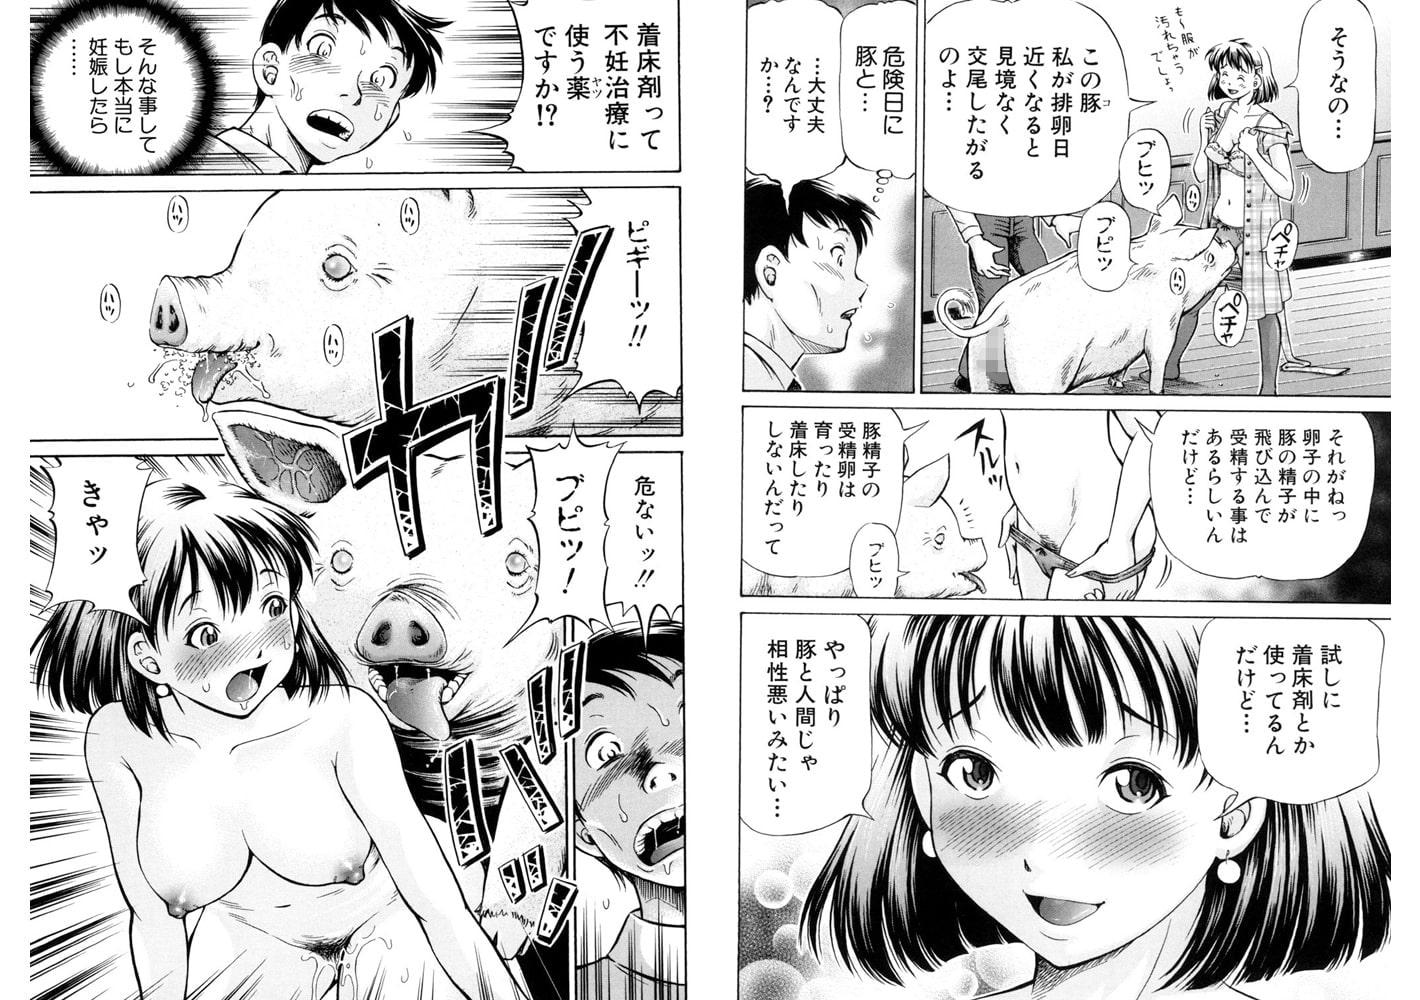 【ティーアイネット】小峯つばさ先生 2冊パック(202005)